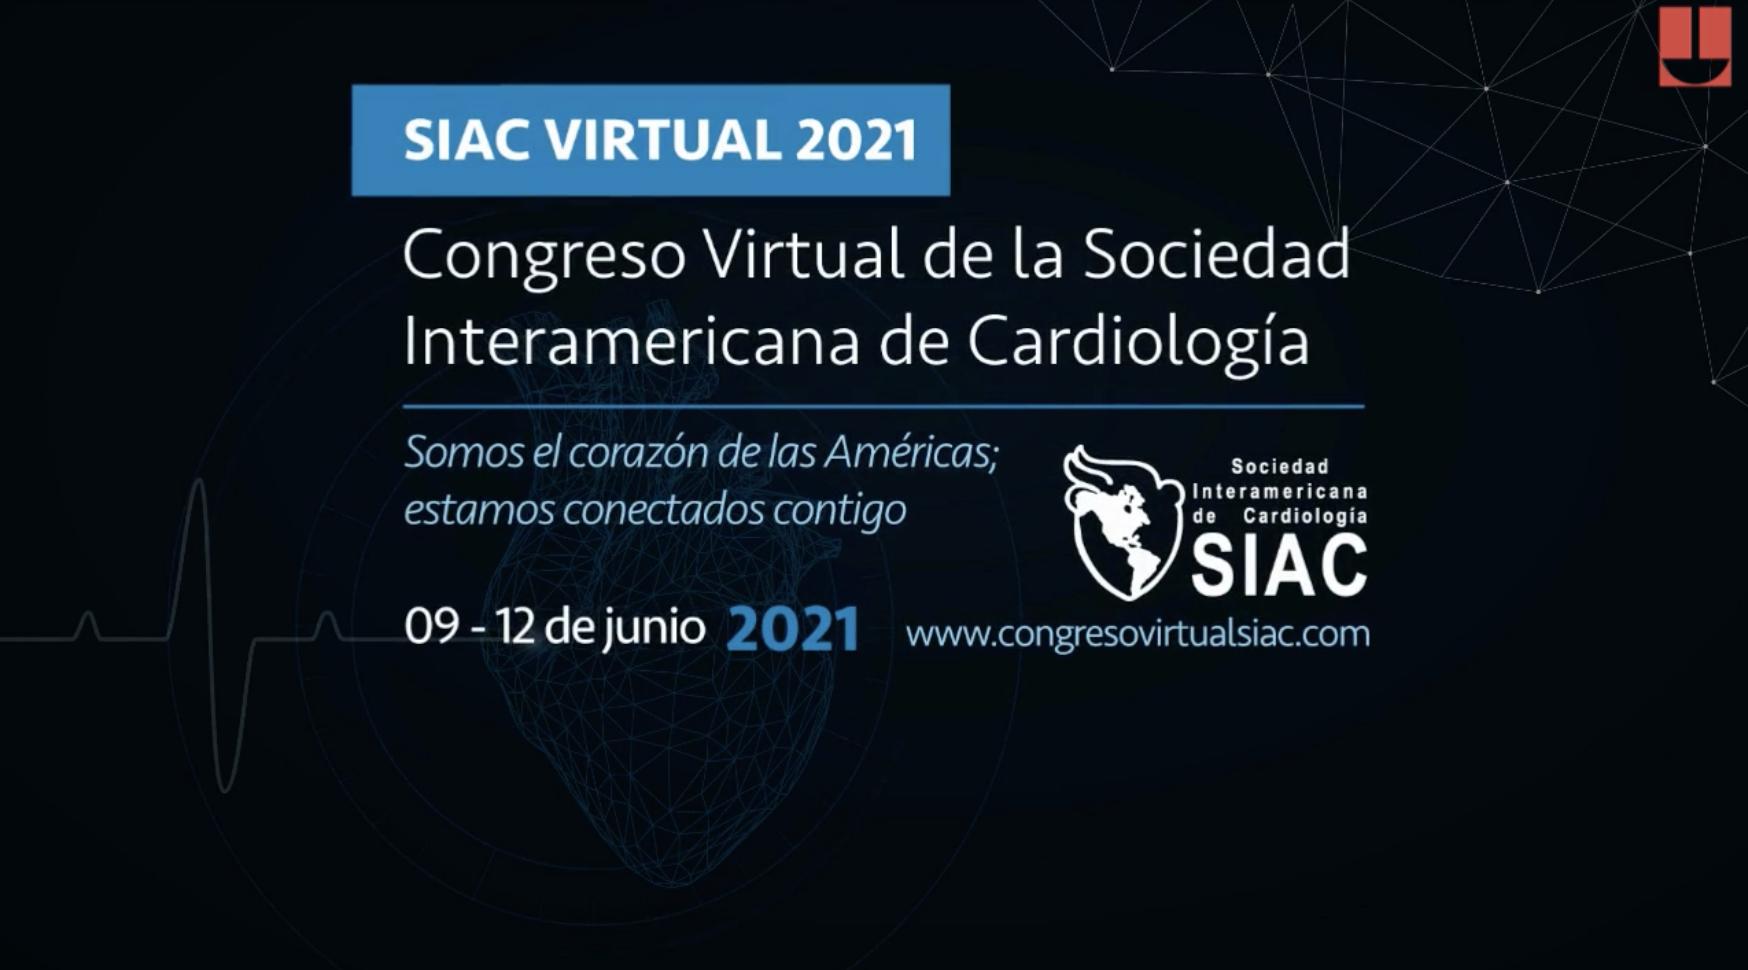 Congreso SIAC 2021